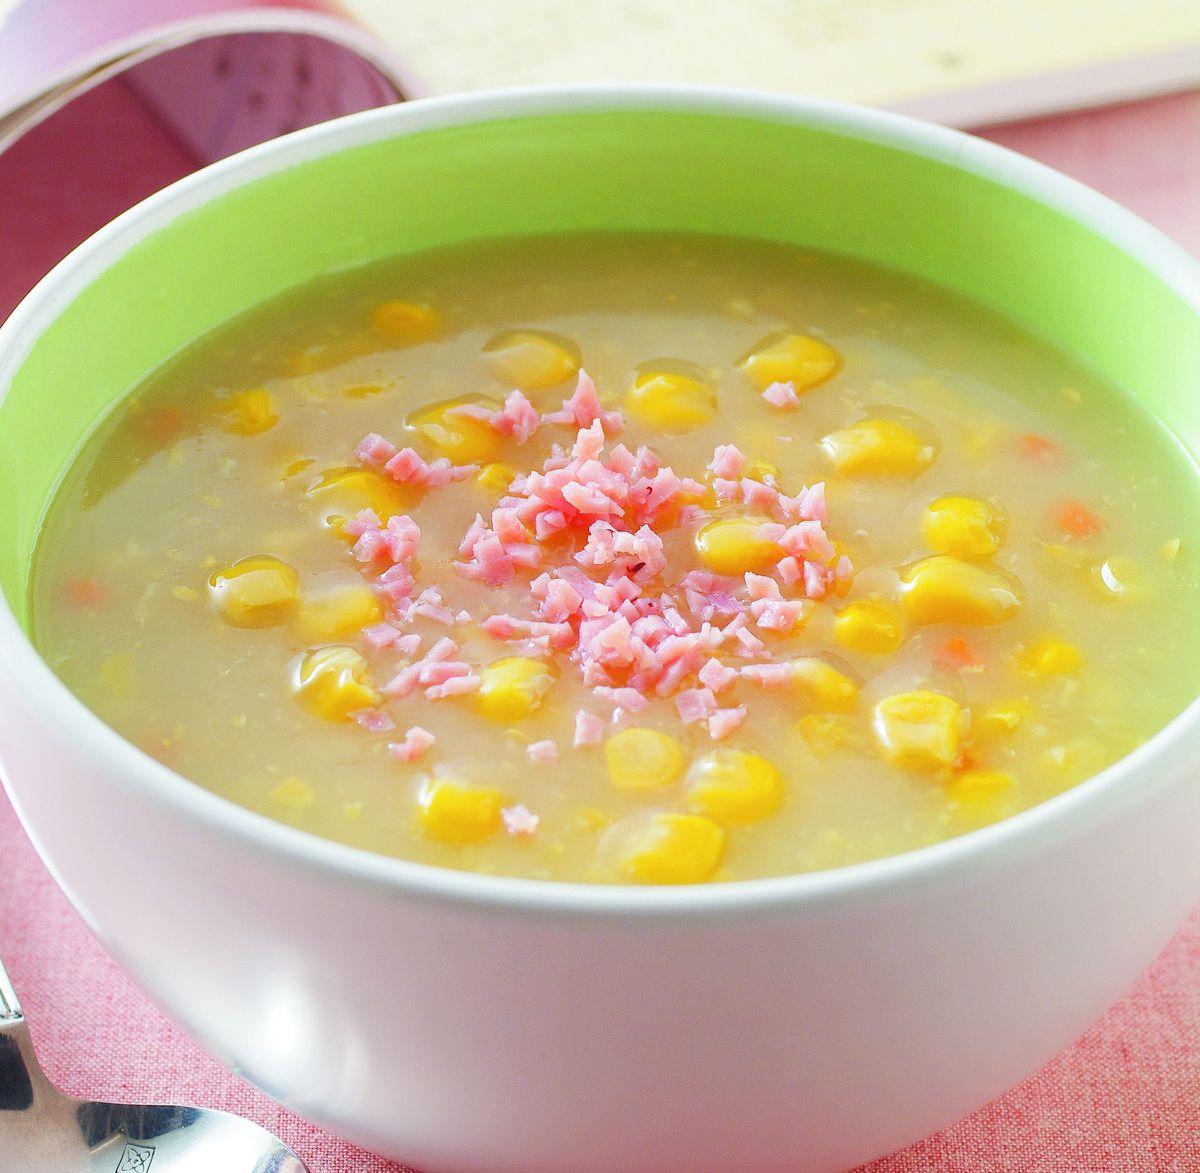 【食譜】玉米濃湯(4):www.ytower.com.tw